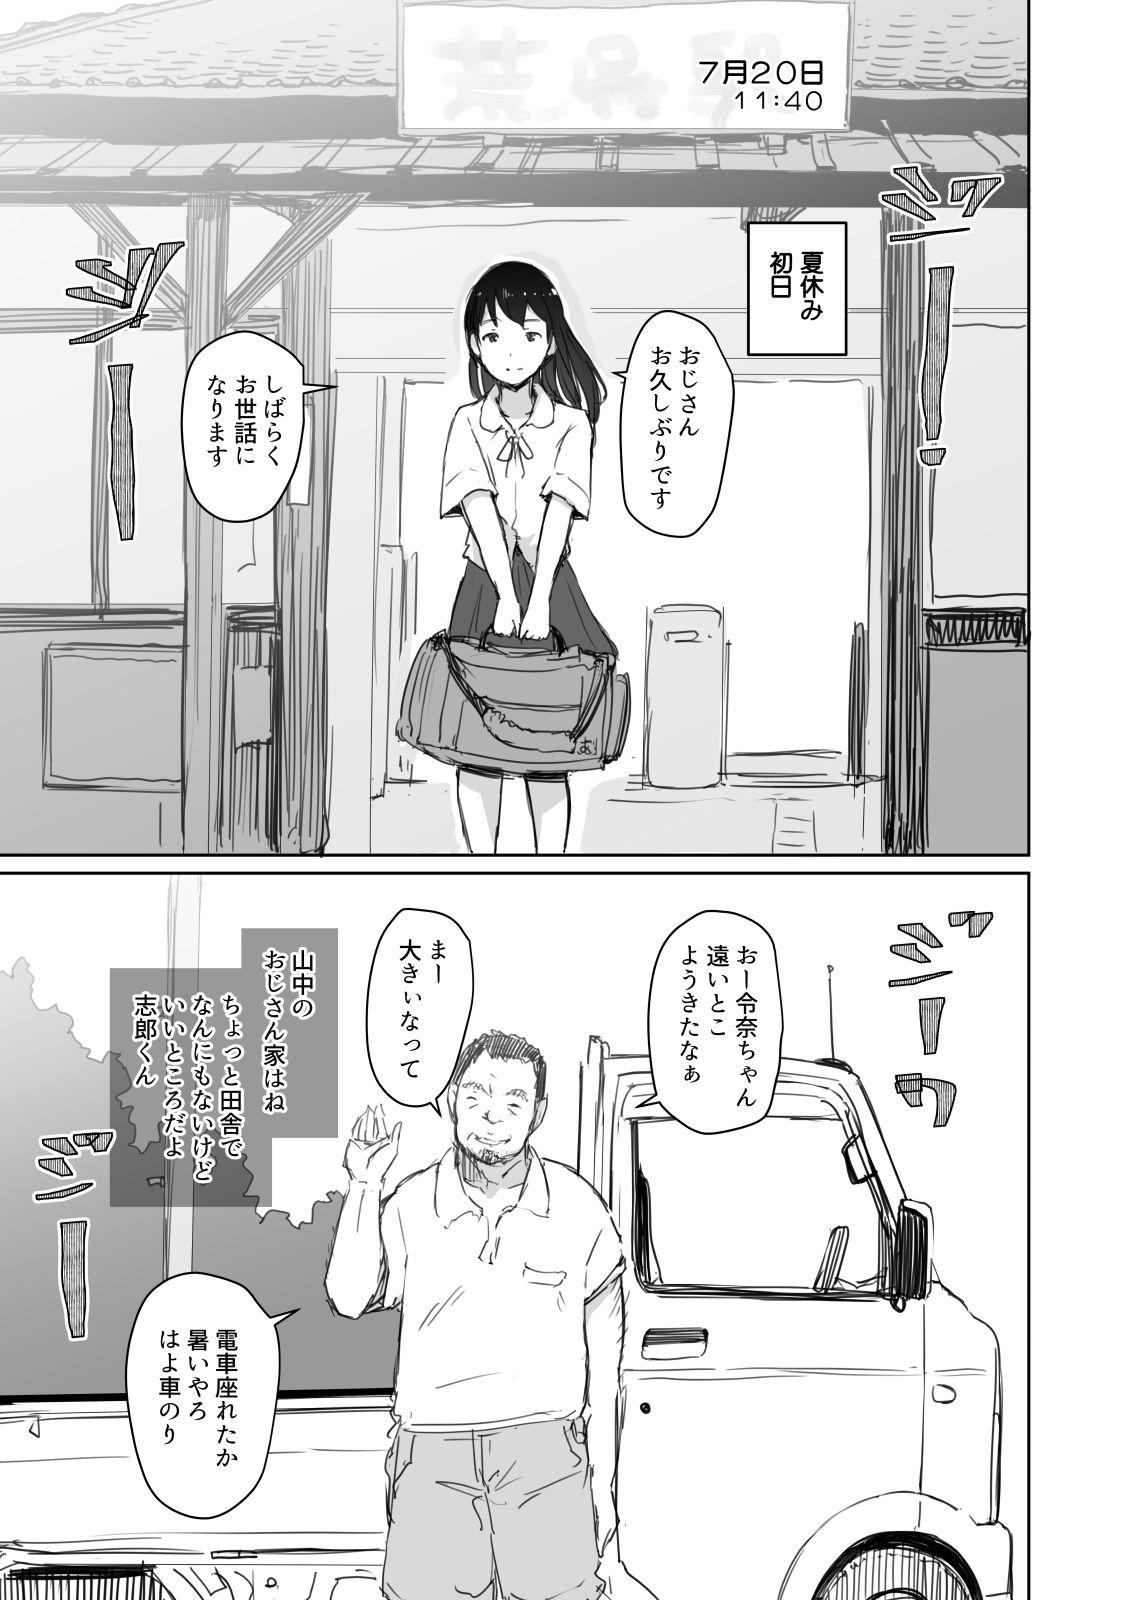 d_154360jp-001 まさか彼女が夏休み会えない間に寝取られていたなんて...。【エロ漫画:夏休みに会えなかった僕の彼女は。:あらくれ】